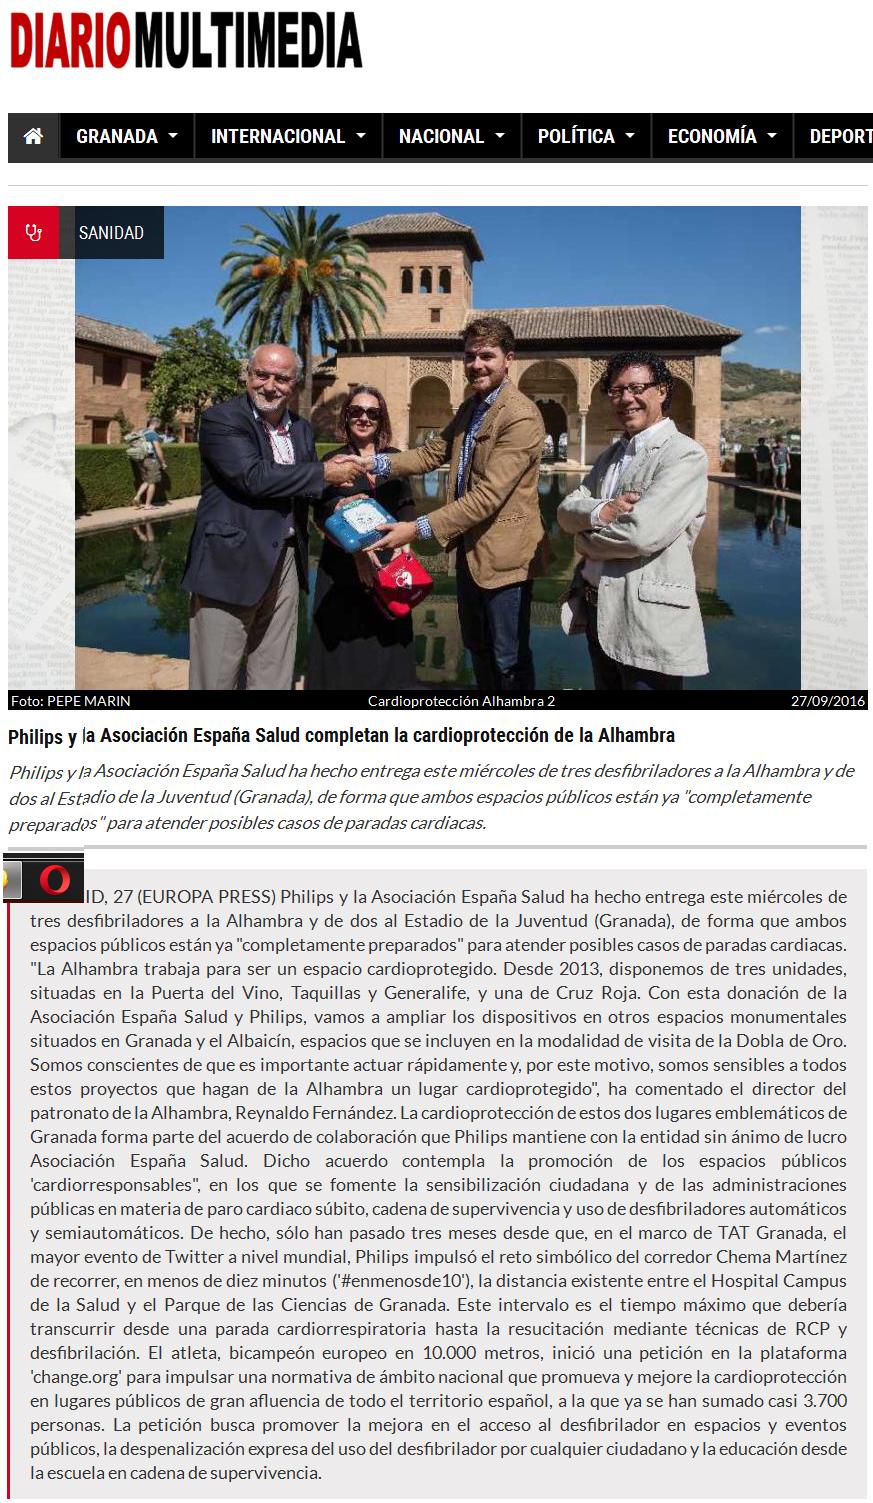 diario-multimedia